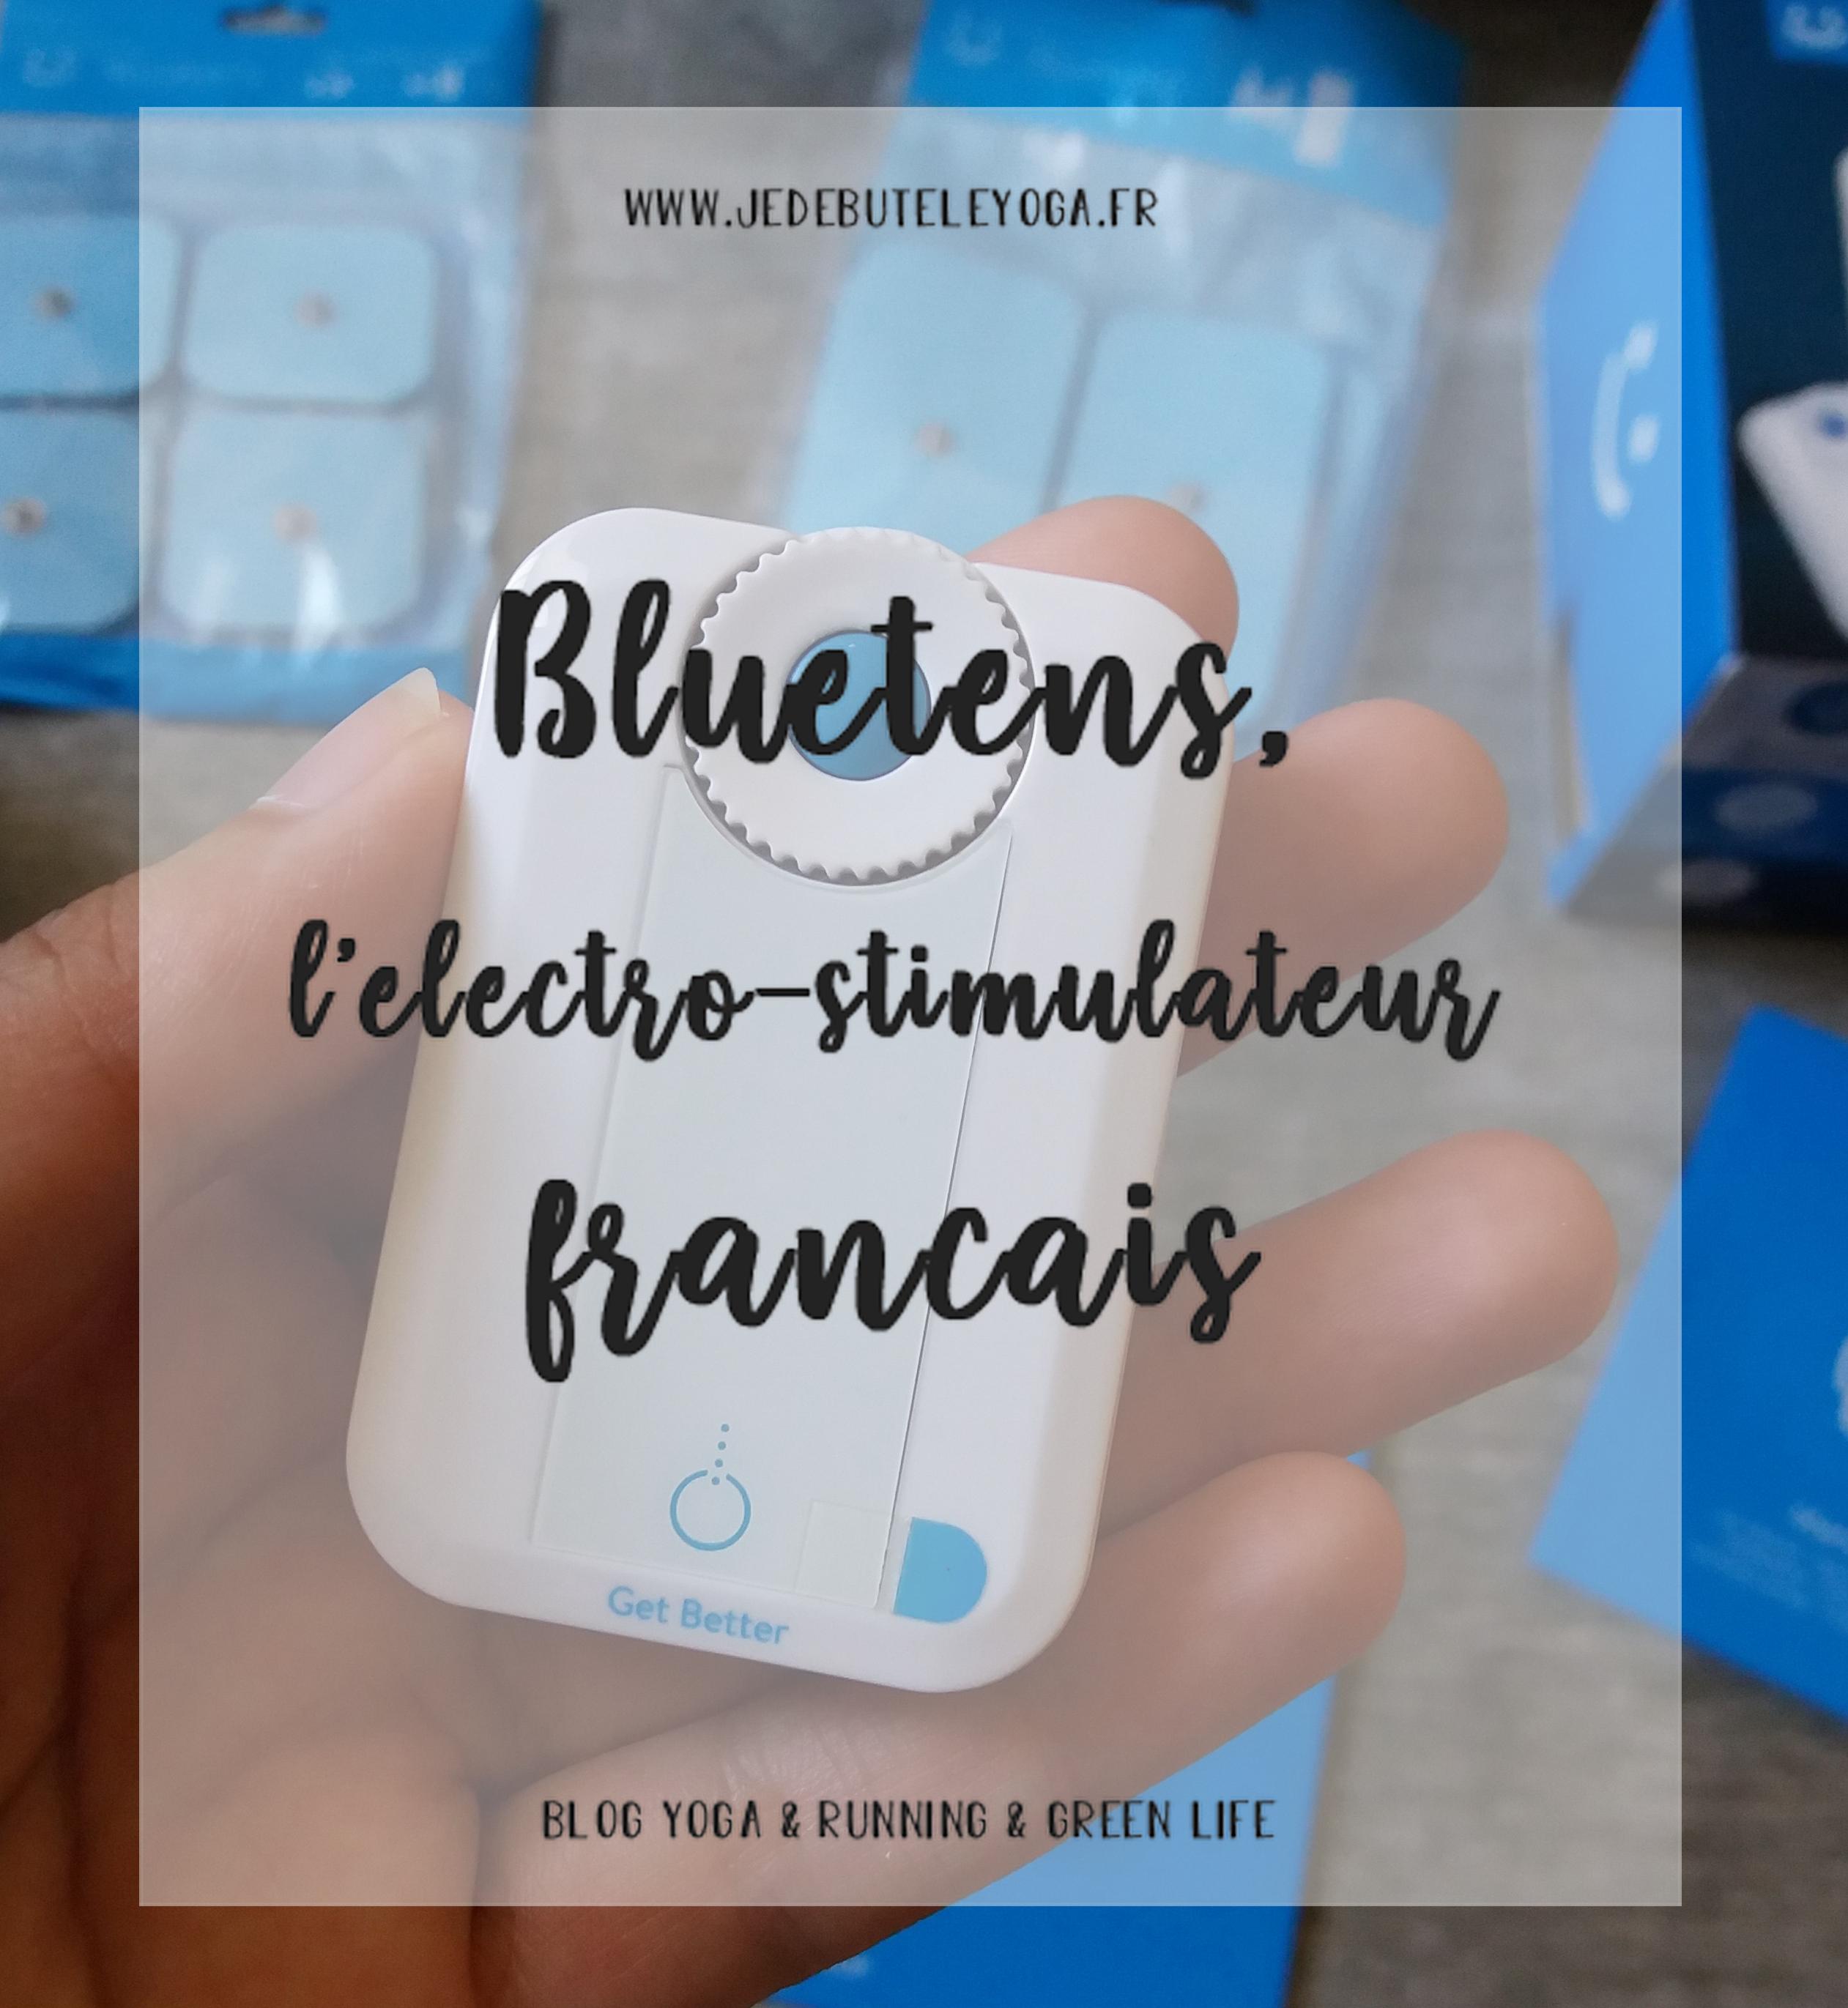 bluetens l electro stimulateur francais